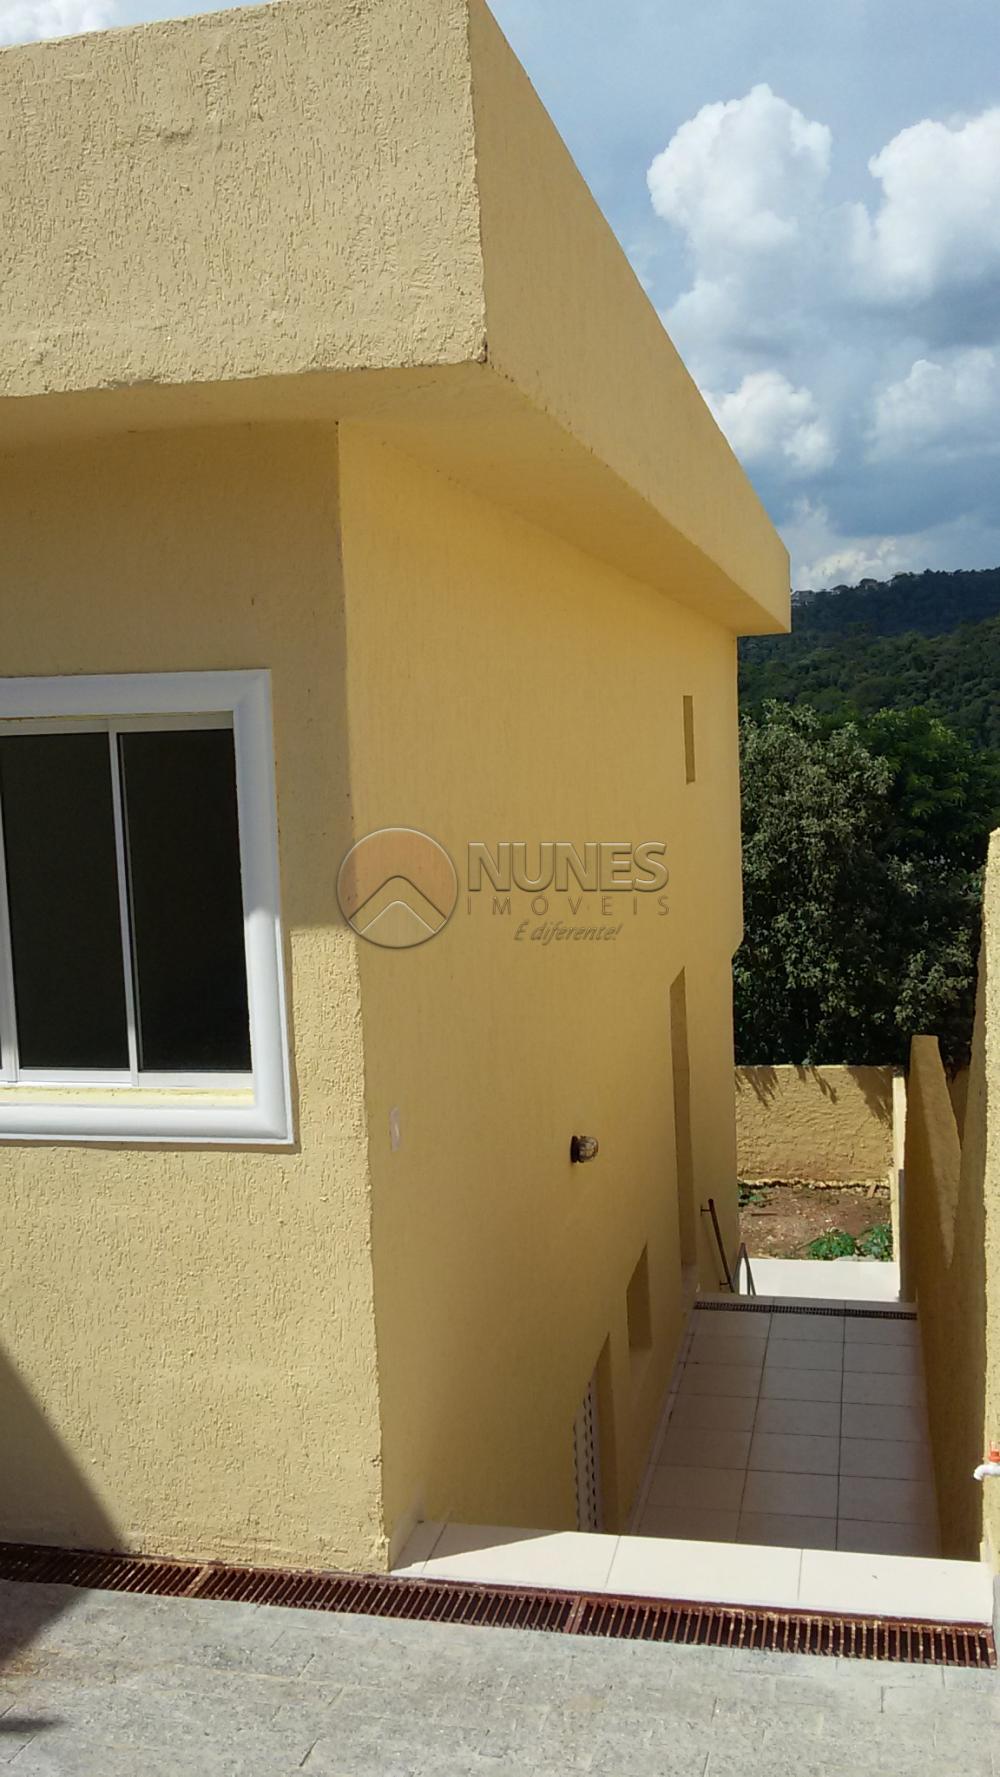 Sobrado de 2 dormitórios à venda em Cidade São Pedro - Gleba B, Santana De Parnaíba - SP